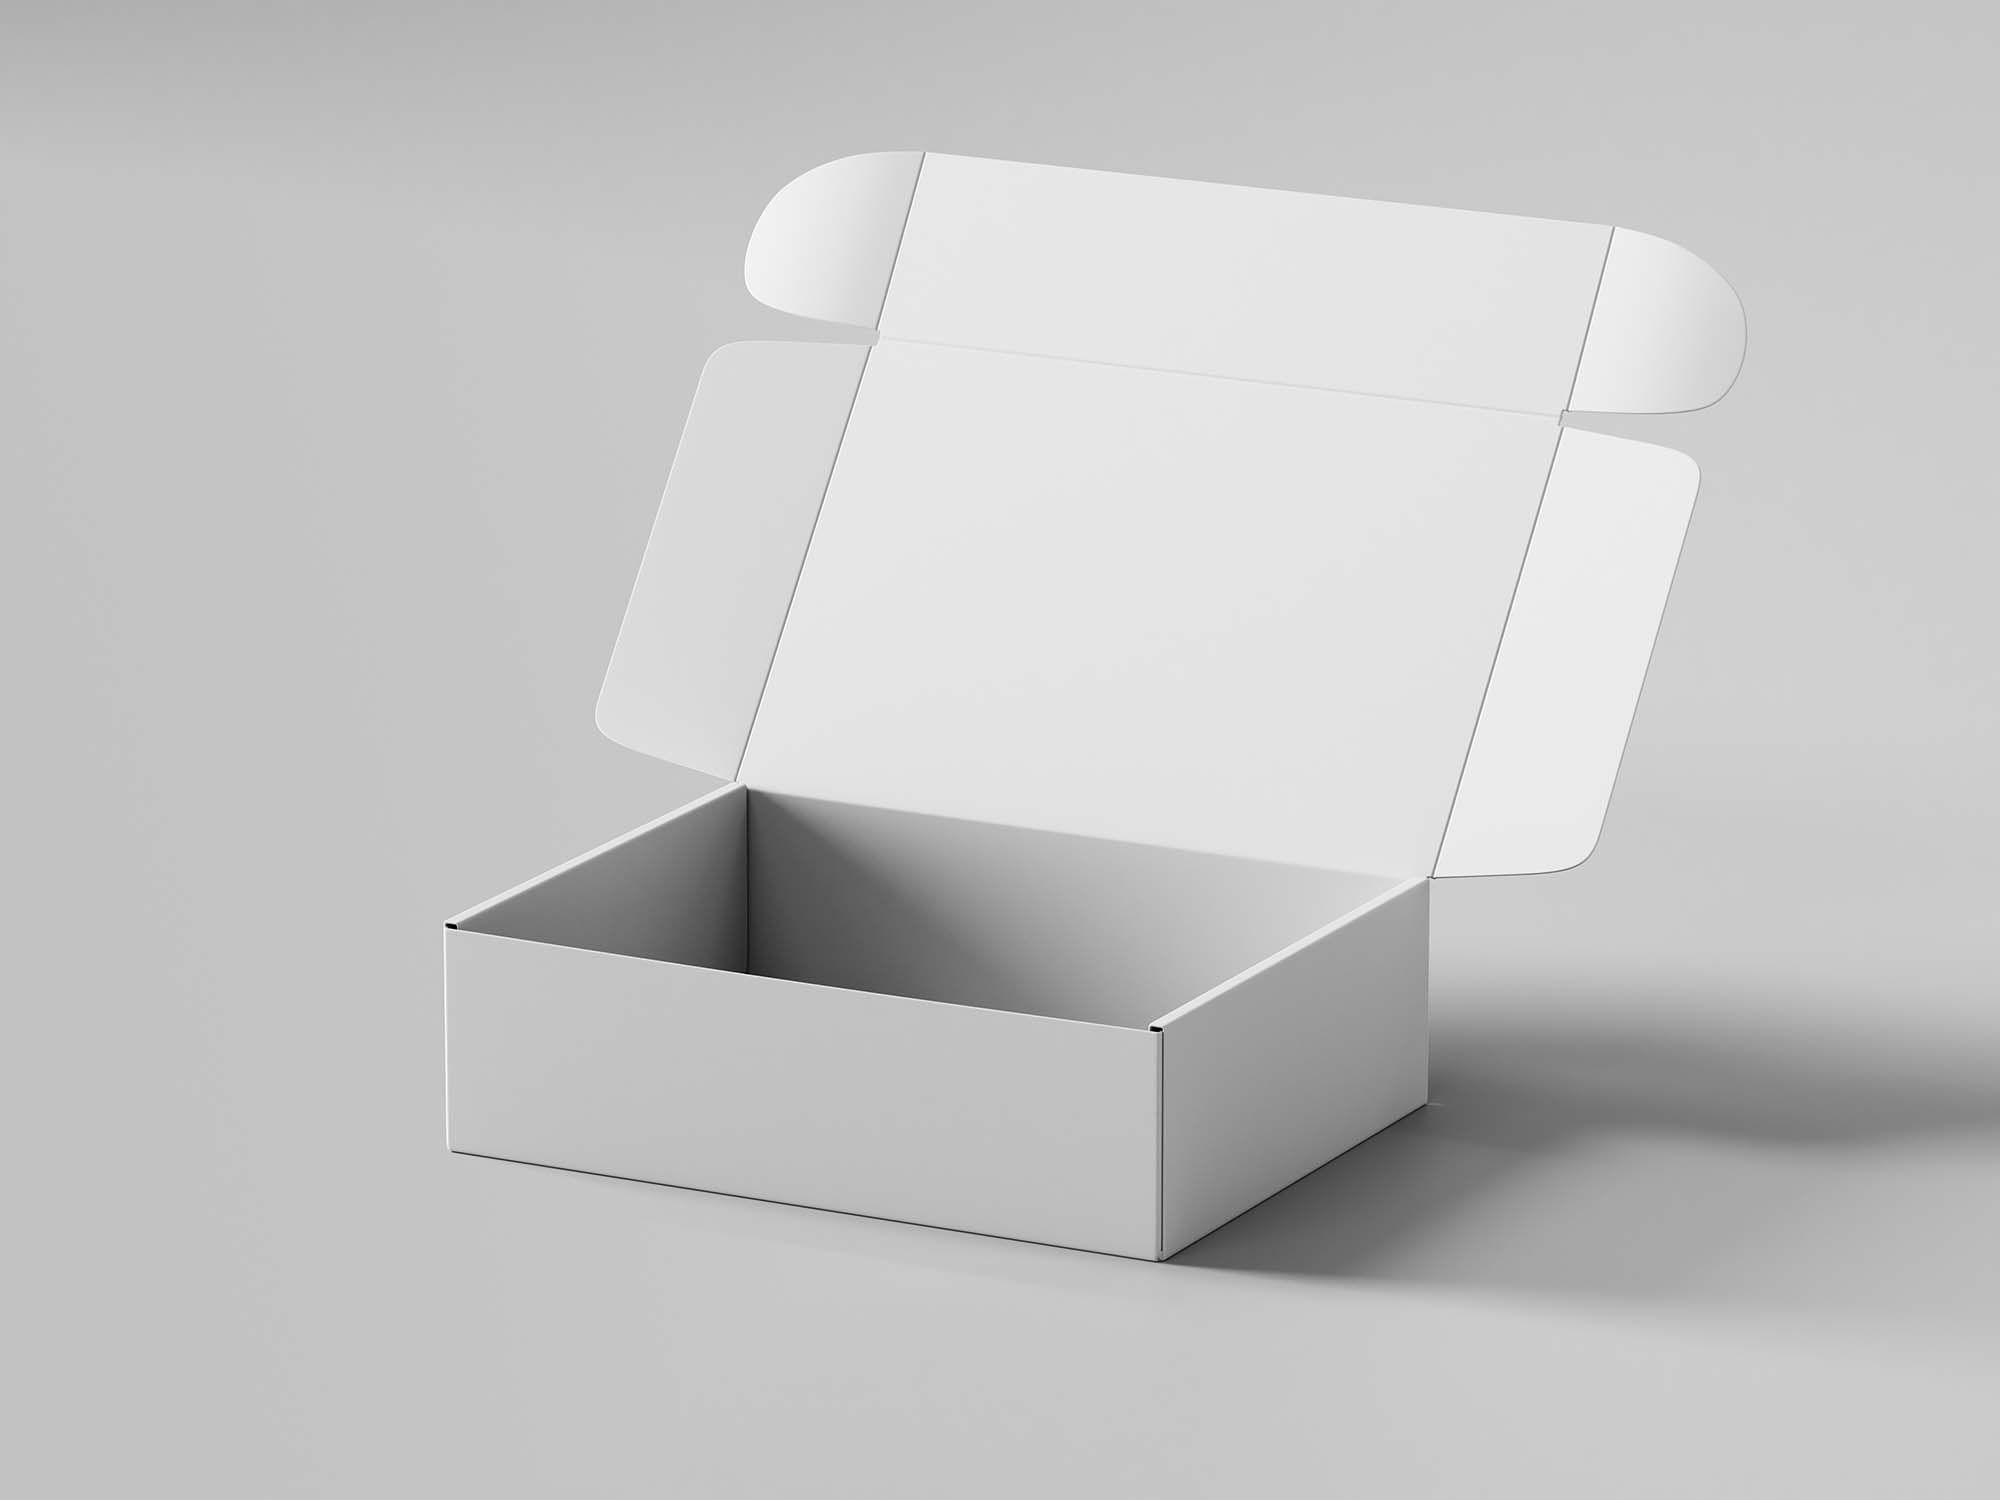 Download Free Pinch Lock Box Mockup in 2020 | Box mockup, Milk ...